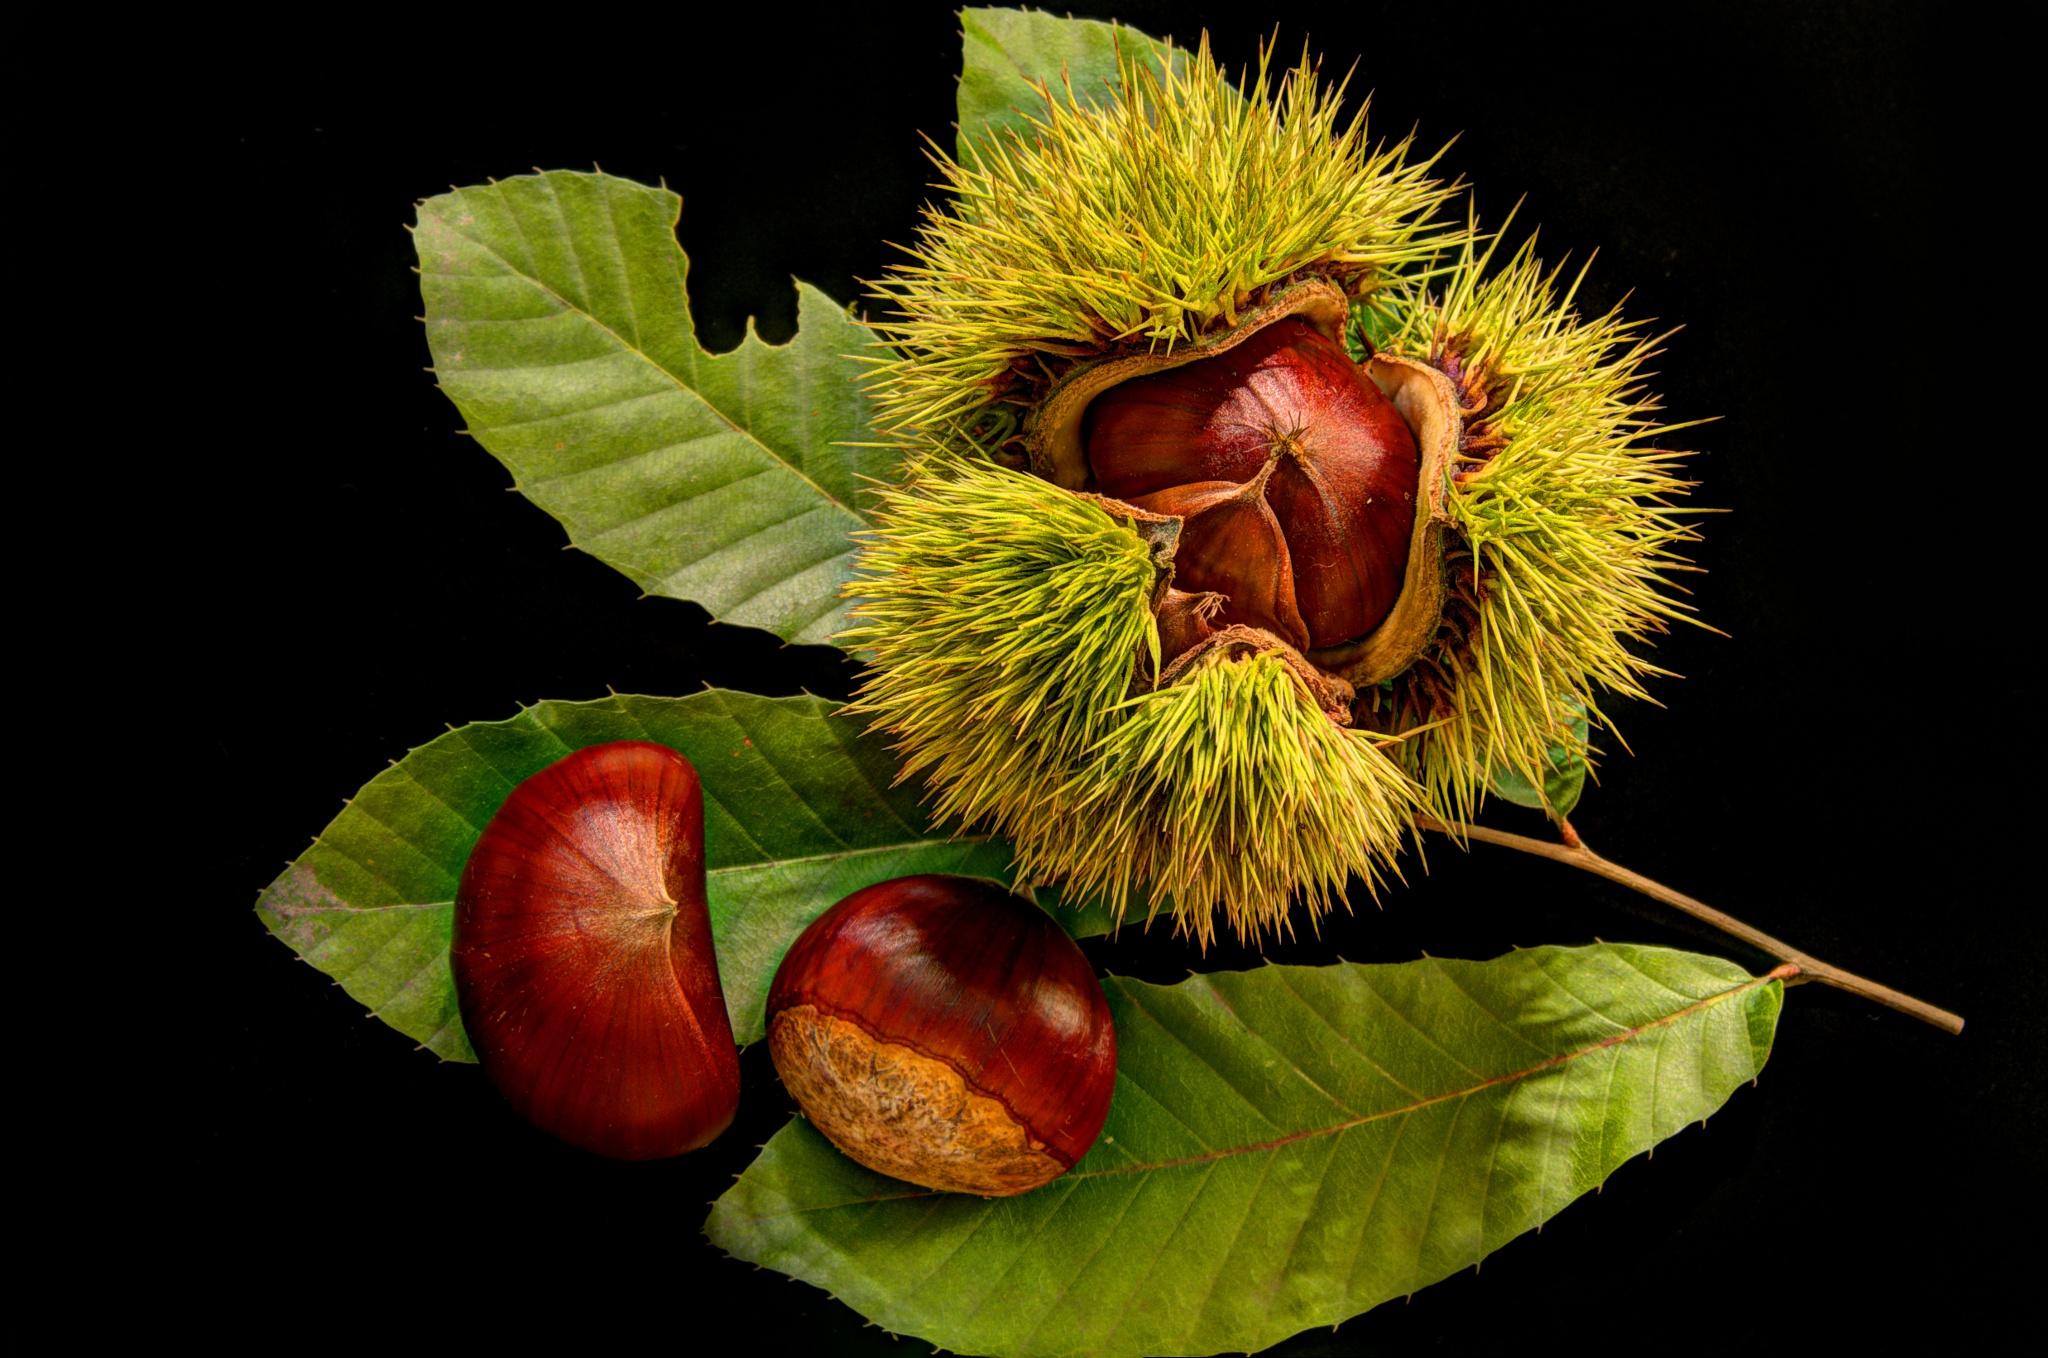 chestnut family by yammy